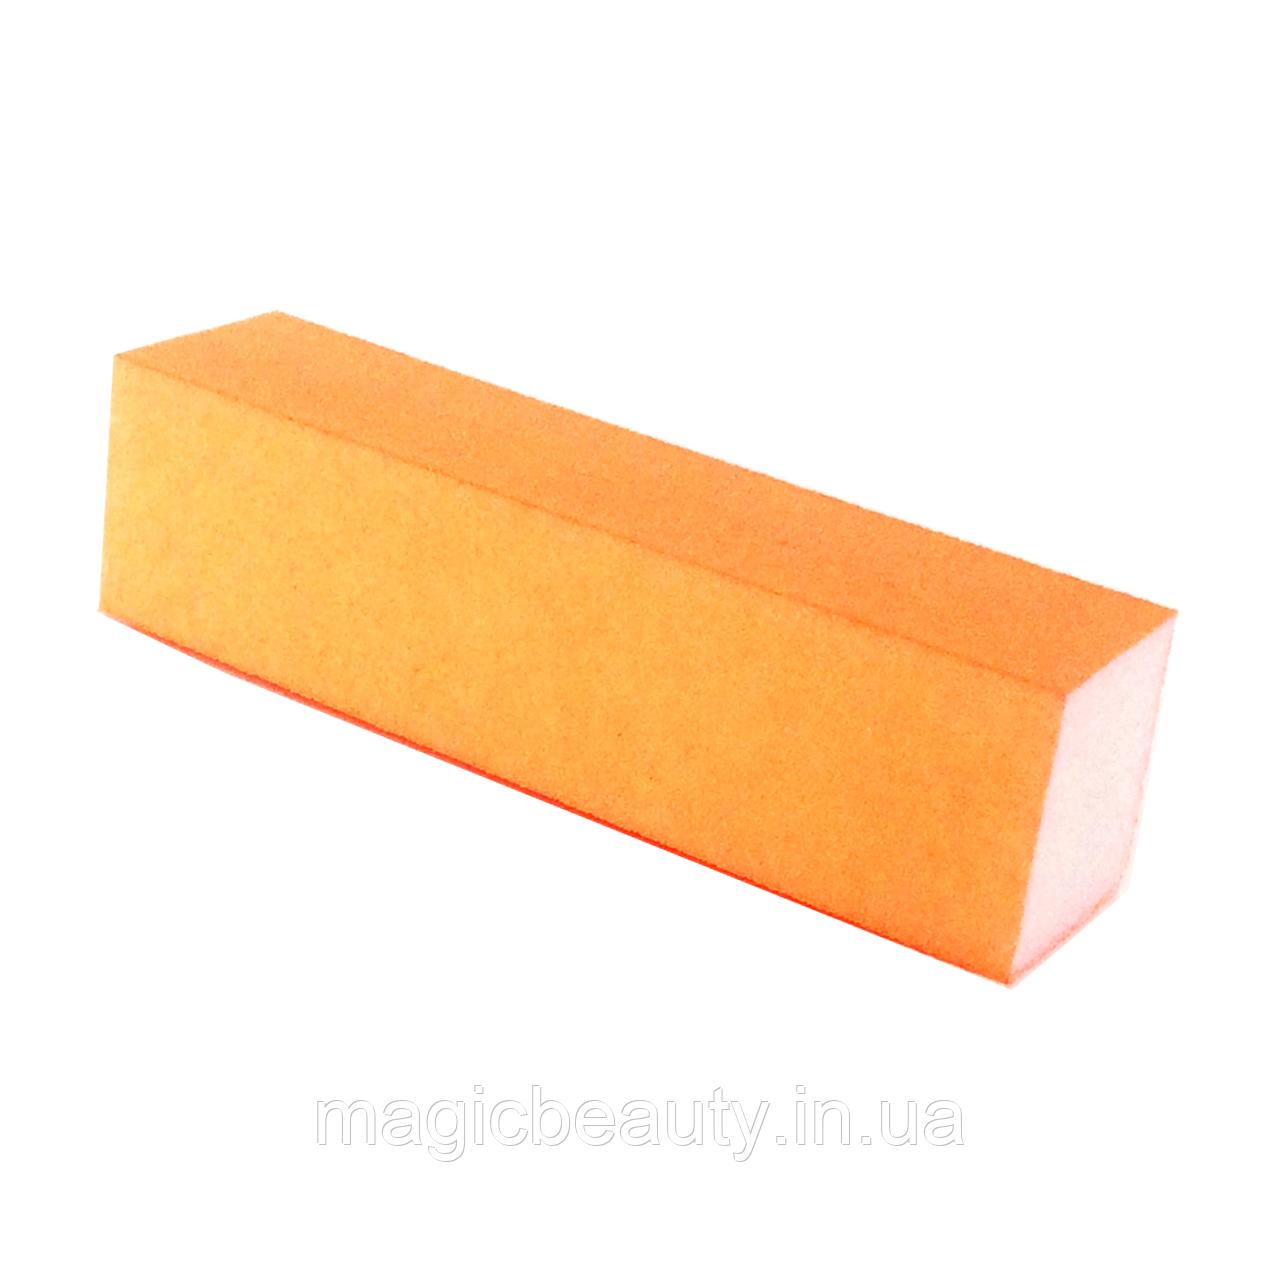 Бафик ярко-оранжевый 100/100